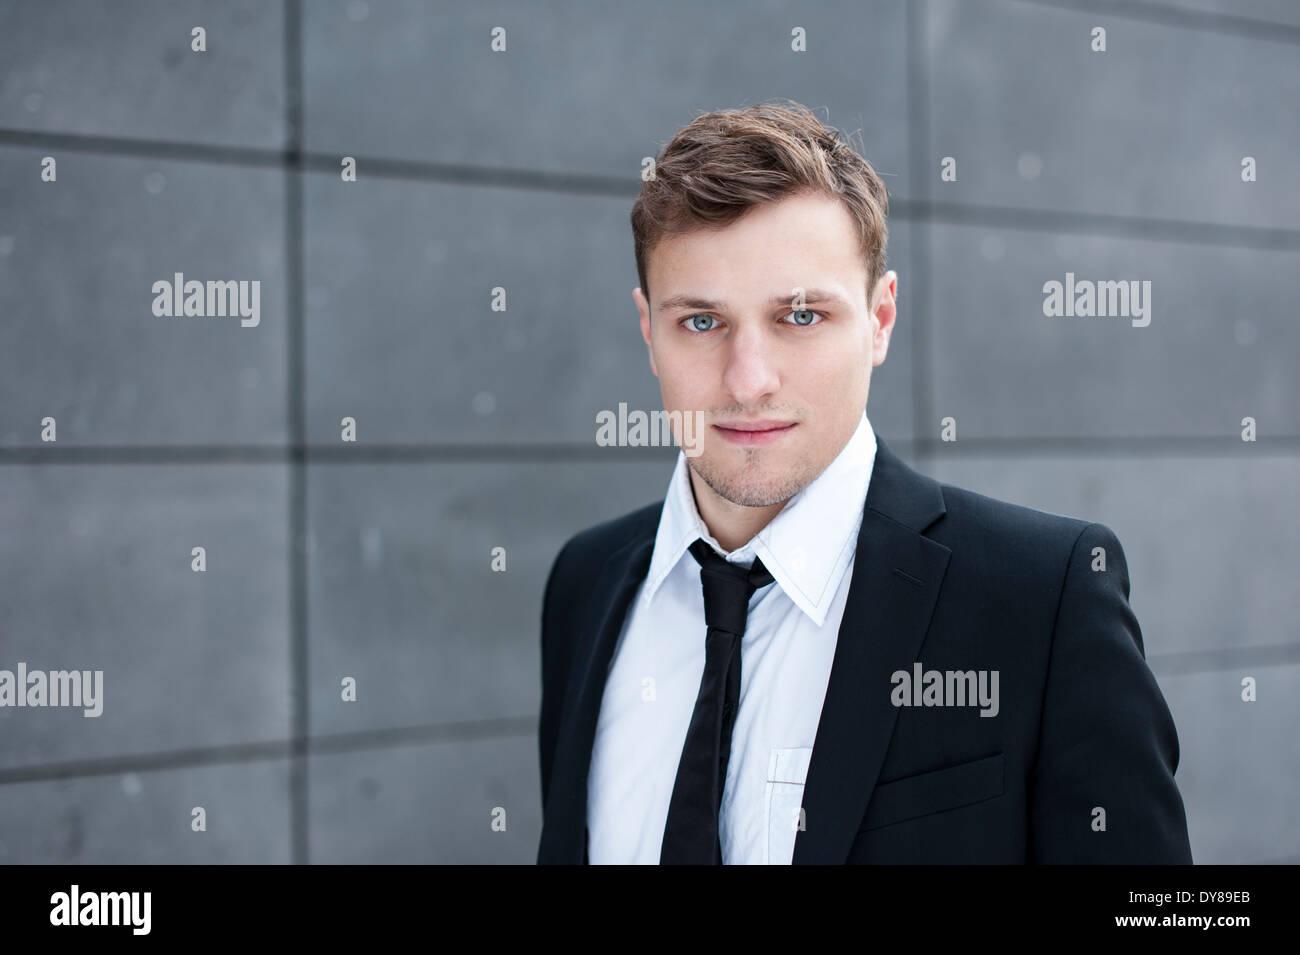 Man with suit, Portrait - Stock Image